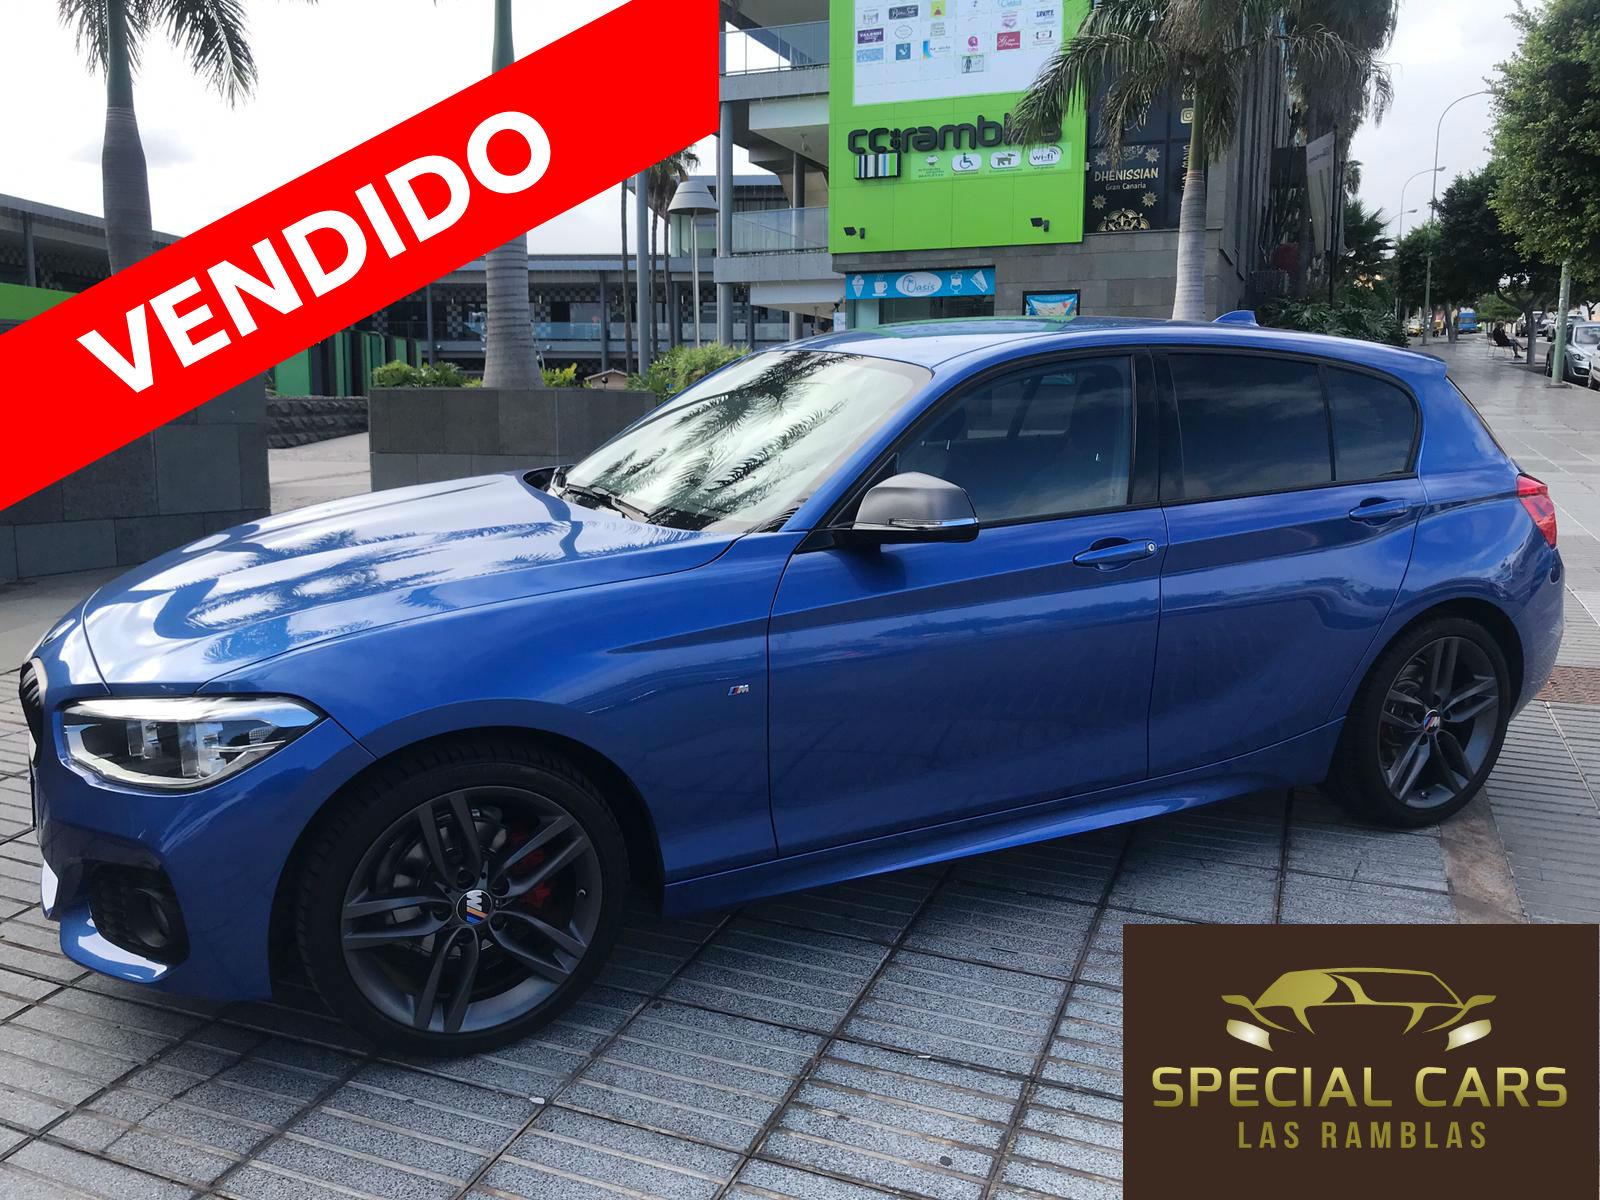 BMW 116 D PAQM AZUL 1 VENDIDO